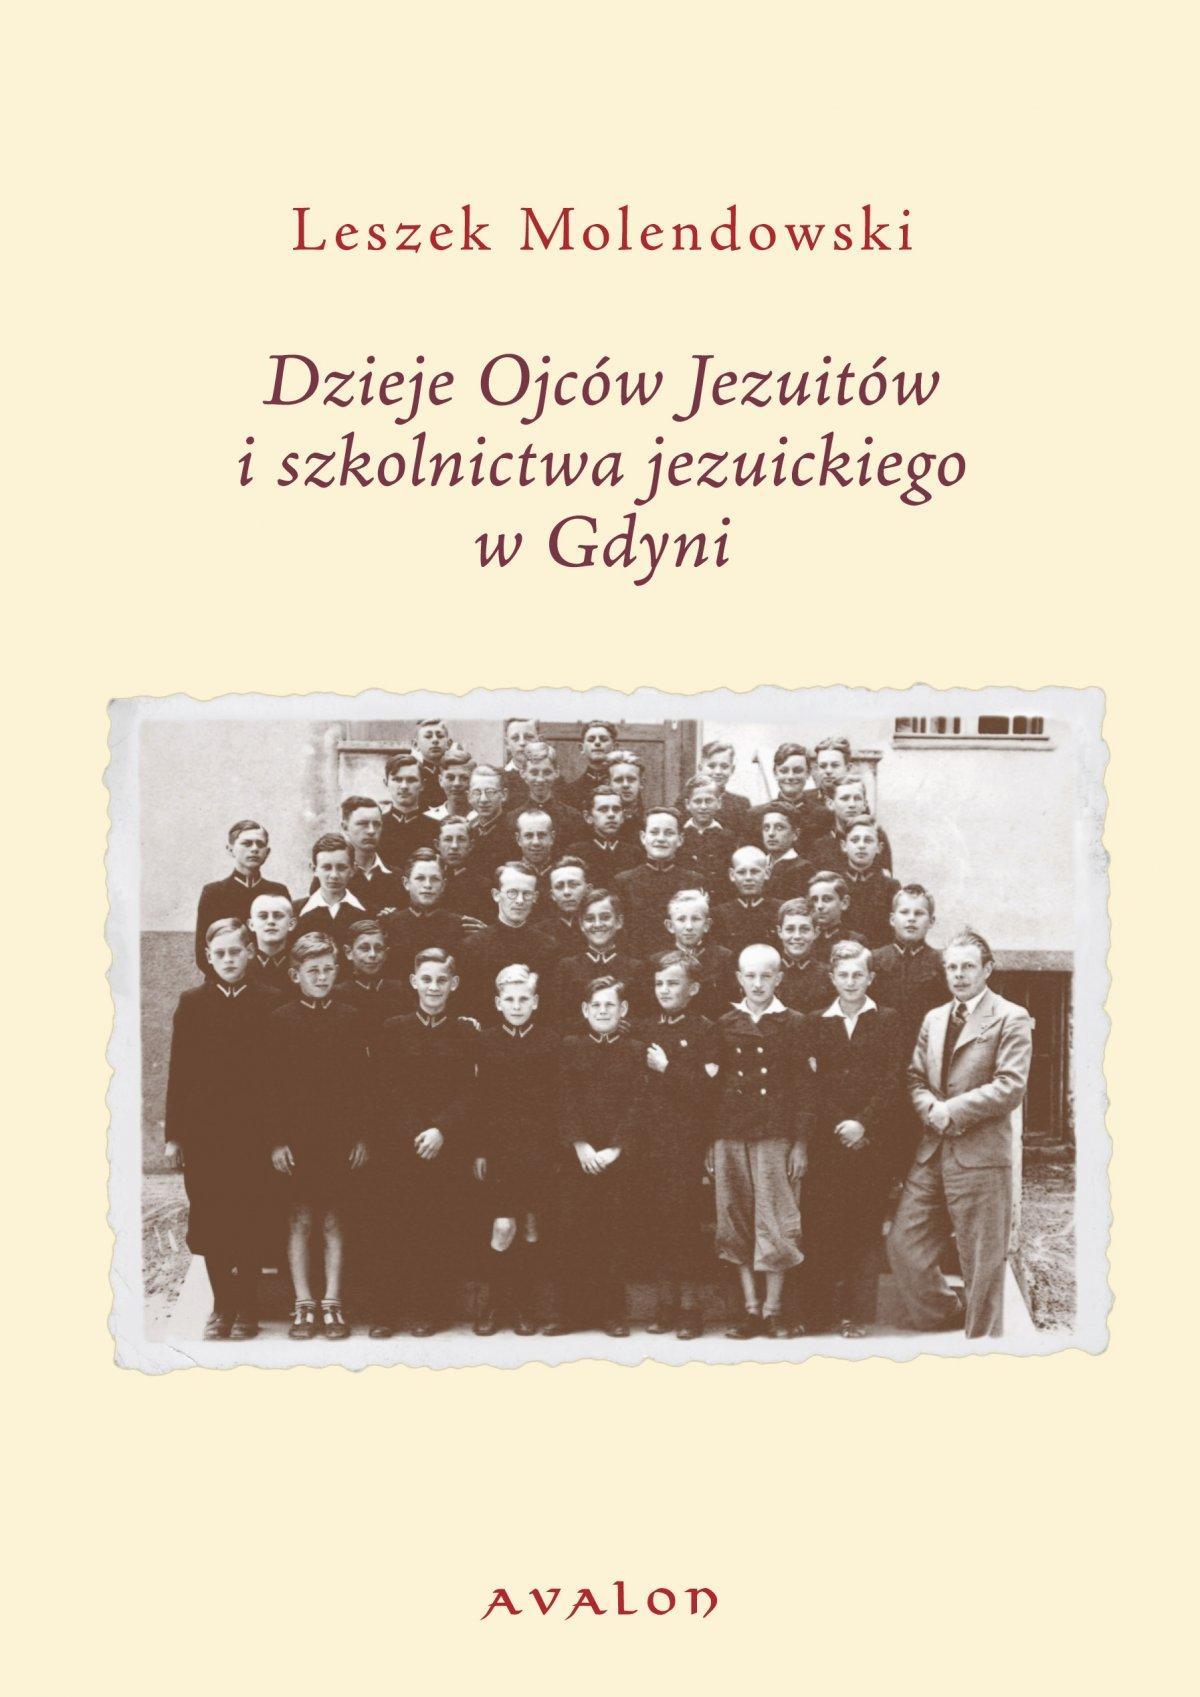 Dzieje Ojców Jezuitów i szkolnictwa jezuickiego w Gdyni - Ebook (Książka PDF) do pobrania w formacie PDF